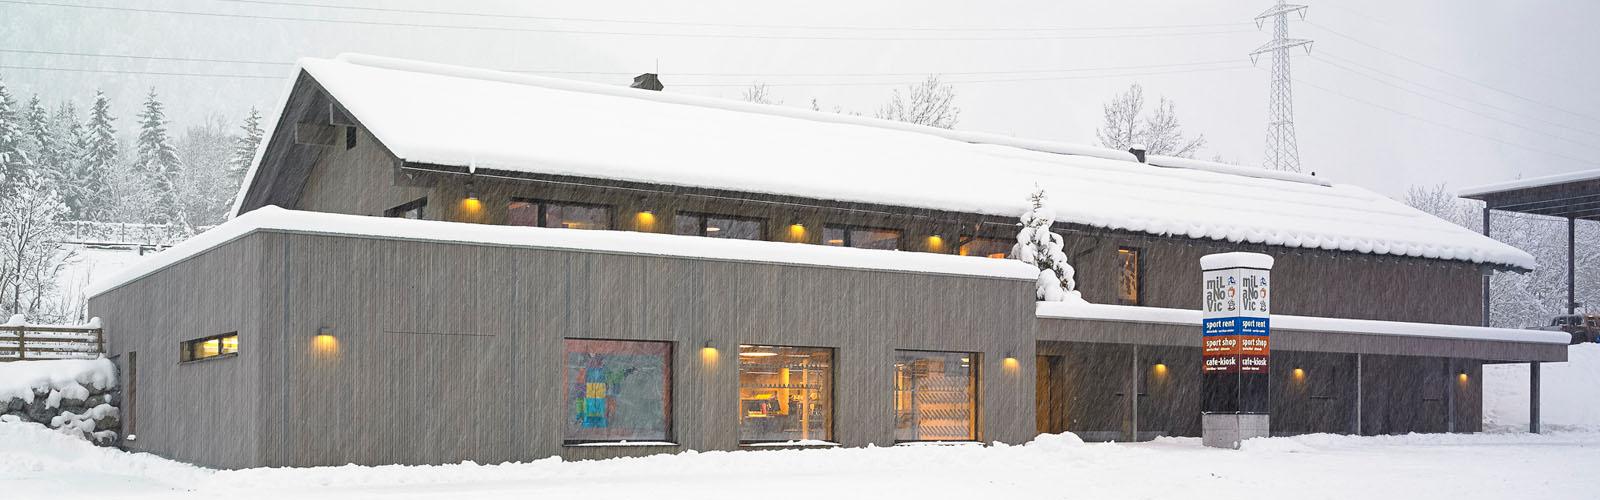 Sport Milanovic - Spezialist für Skiservice